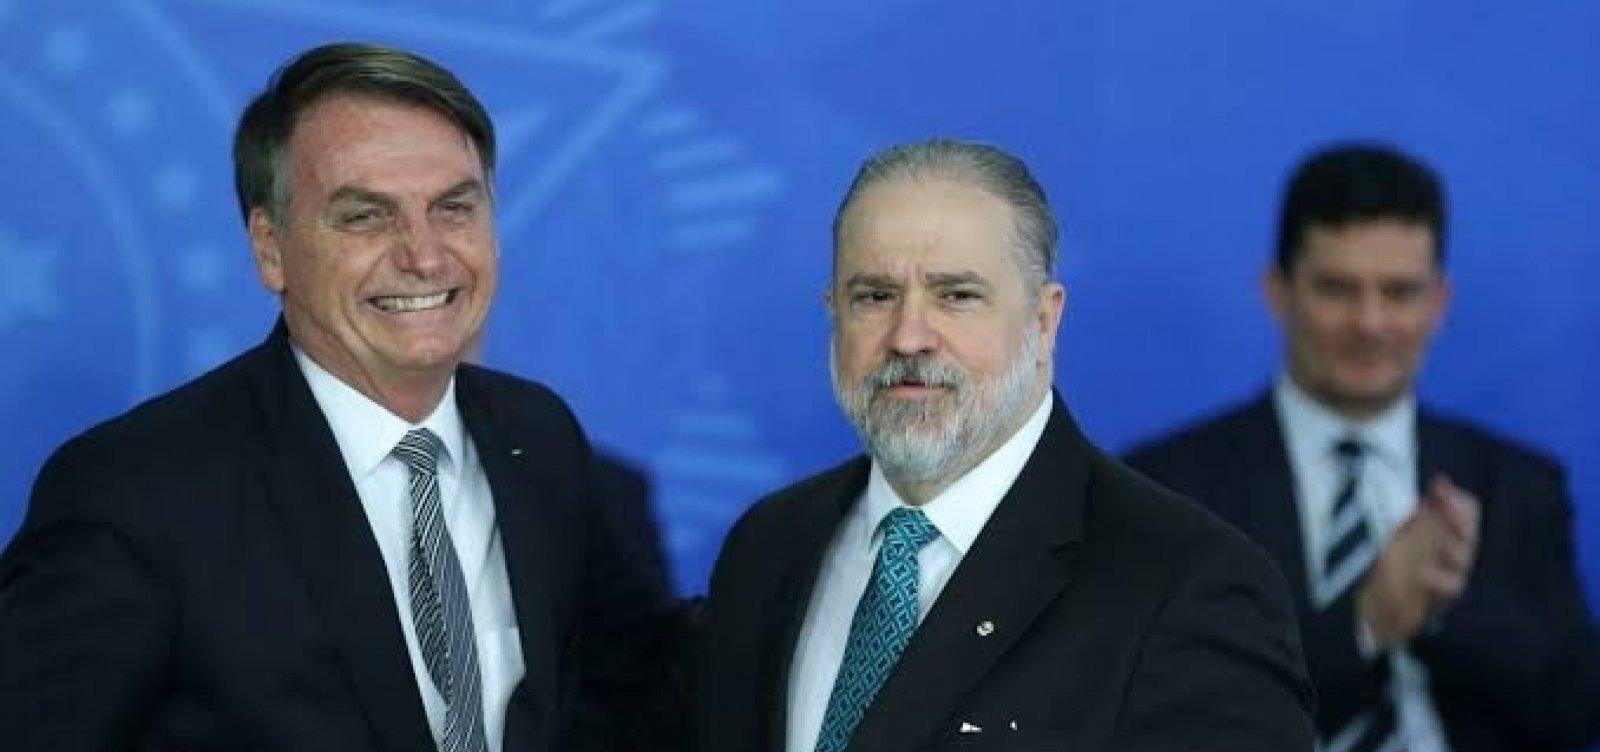 Bolsonaro não cometeu crime ao acessar áudios de portaria, diz Aras